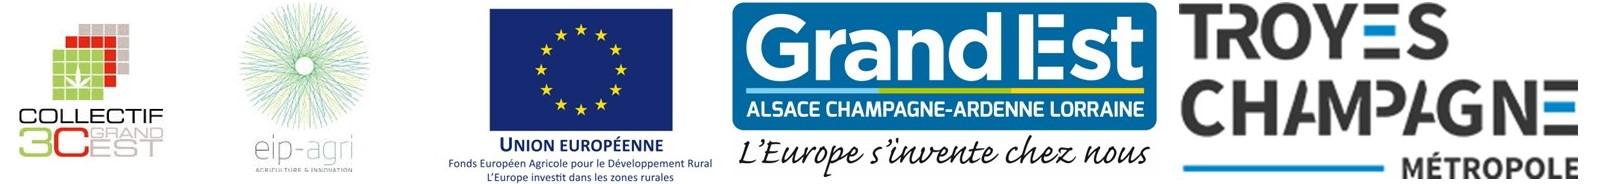 Logos Collectif 3C Grand Est, PEI Agri, FEADER, Région Frand Est, Troyes Champagne Métropole